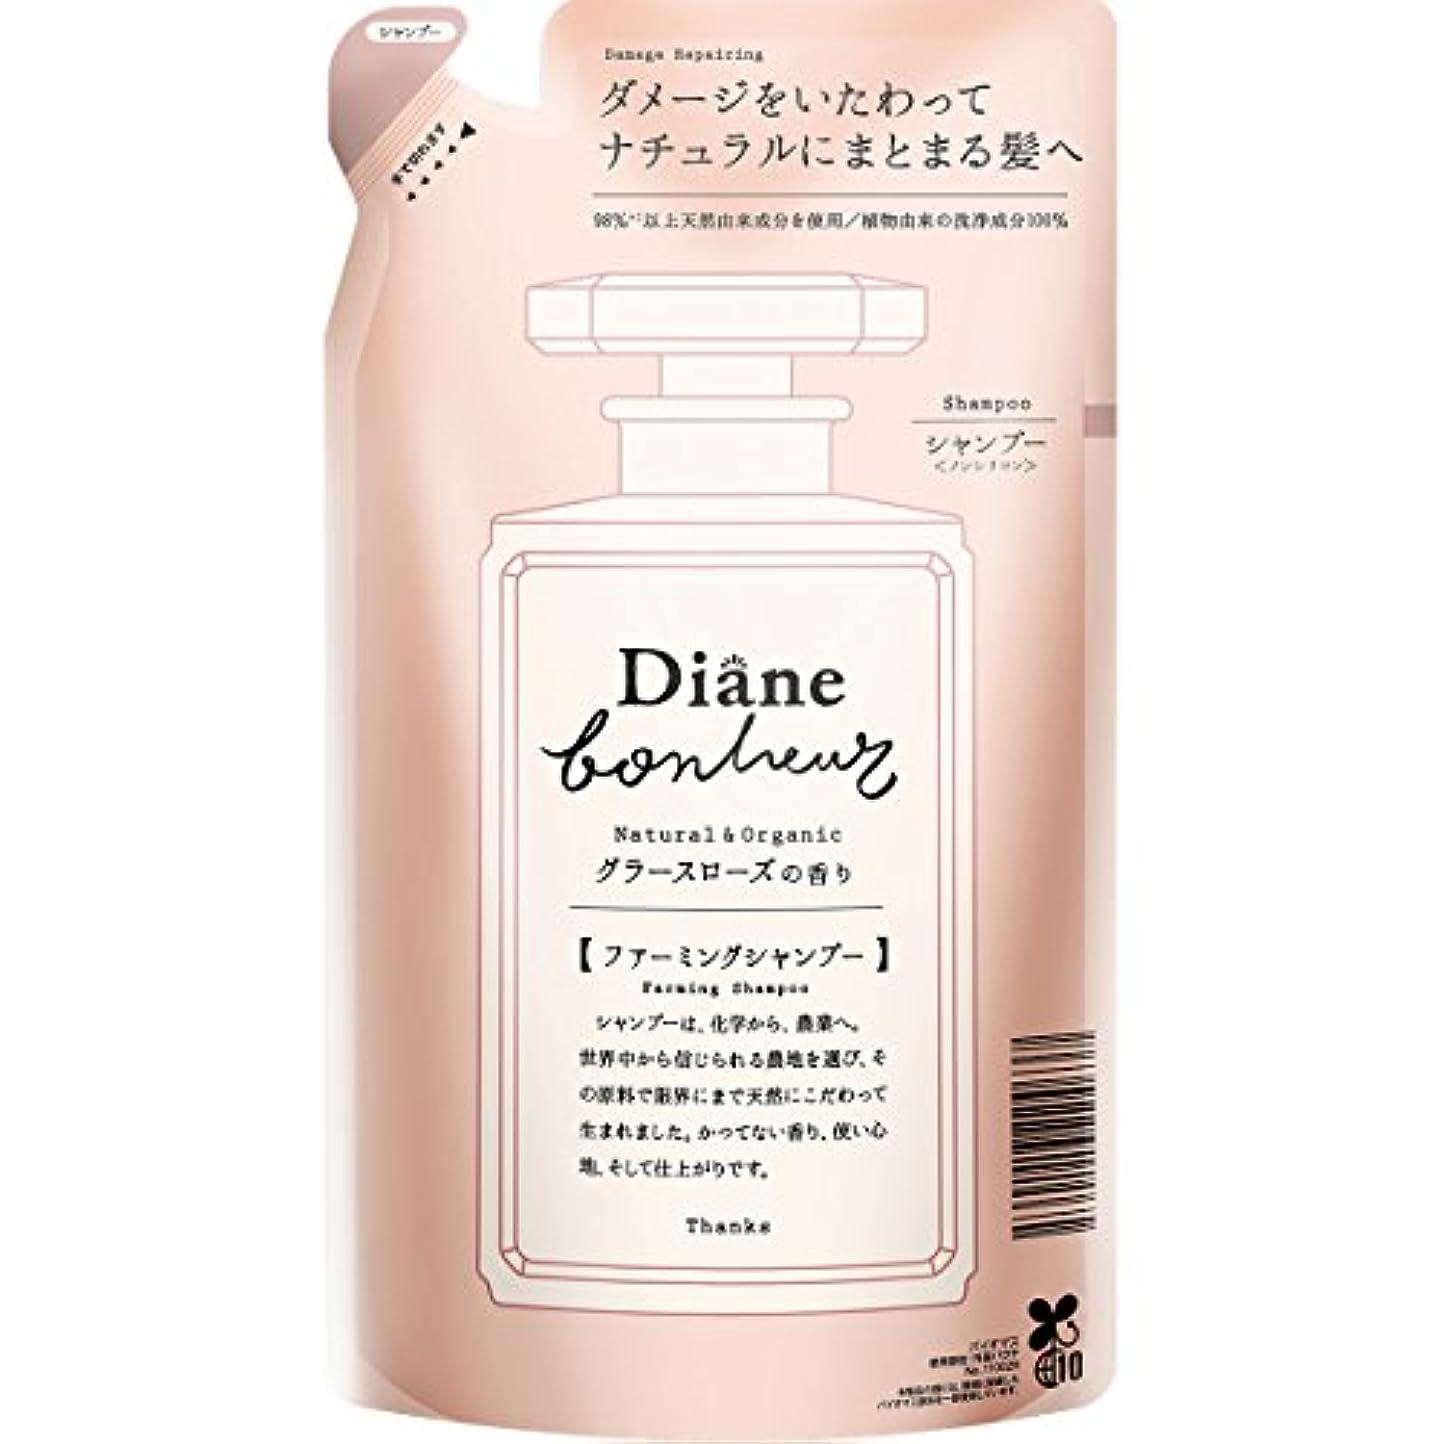 勝利した一流霜ダイアン ボヌール グラースローズの香り ダメージリペア シャンプー 詰め替え 400ml